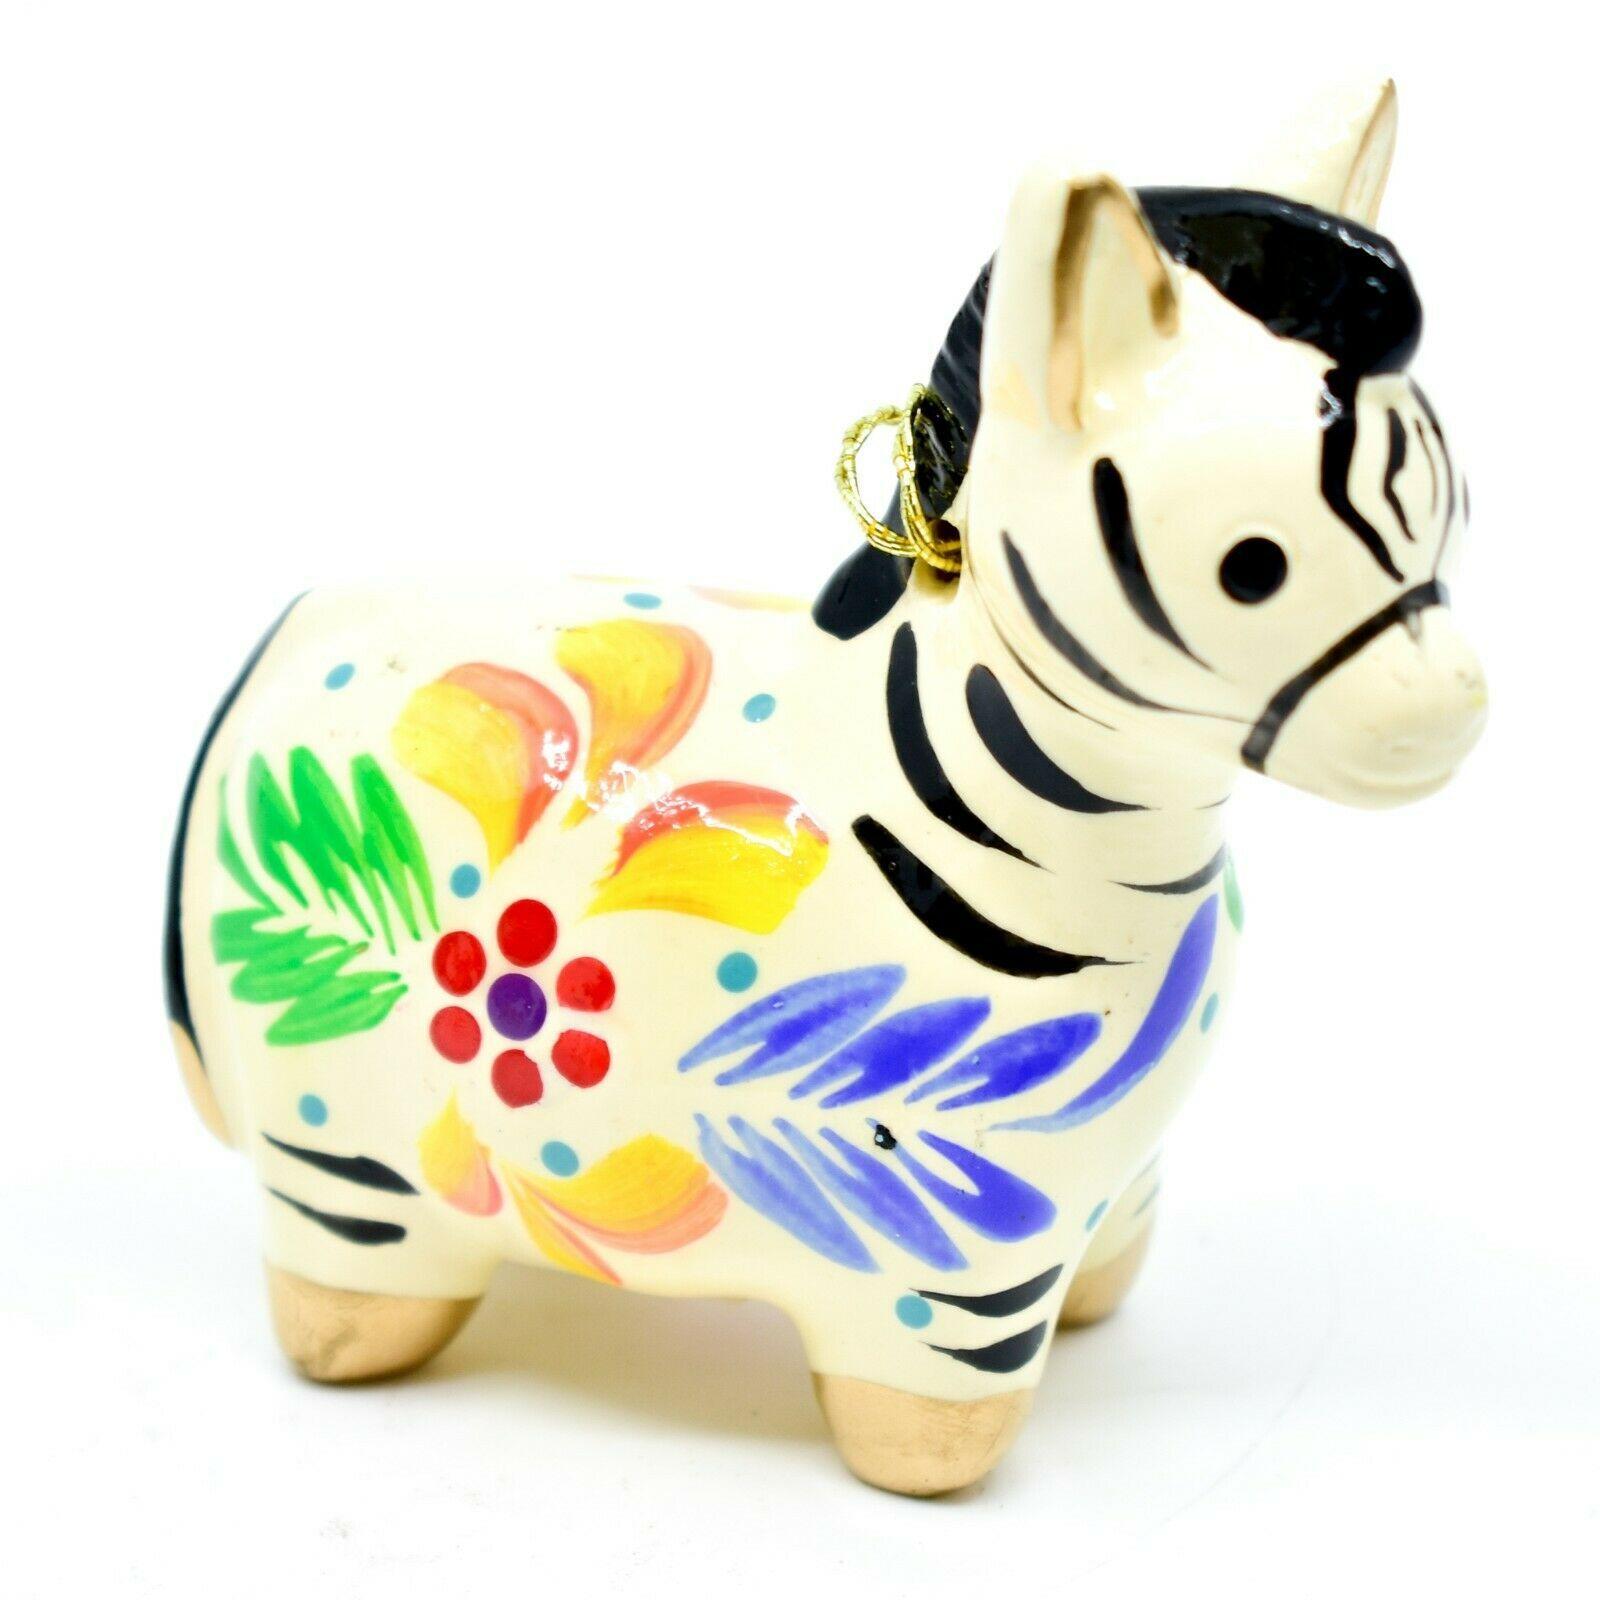 Handcrafted Painted Ceramic White Zebra Confetti Ornament Made in Peru